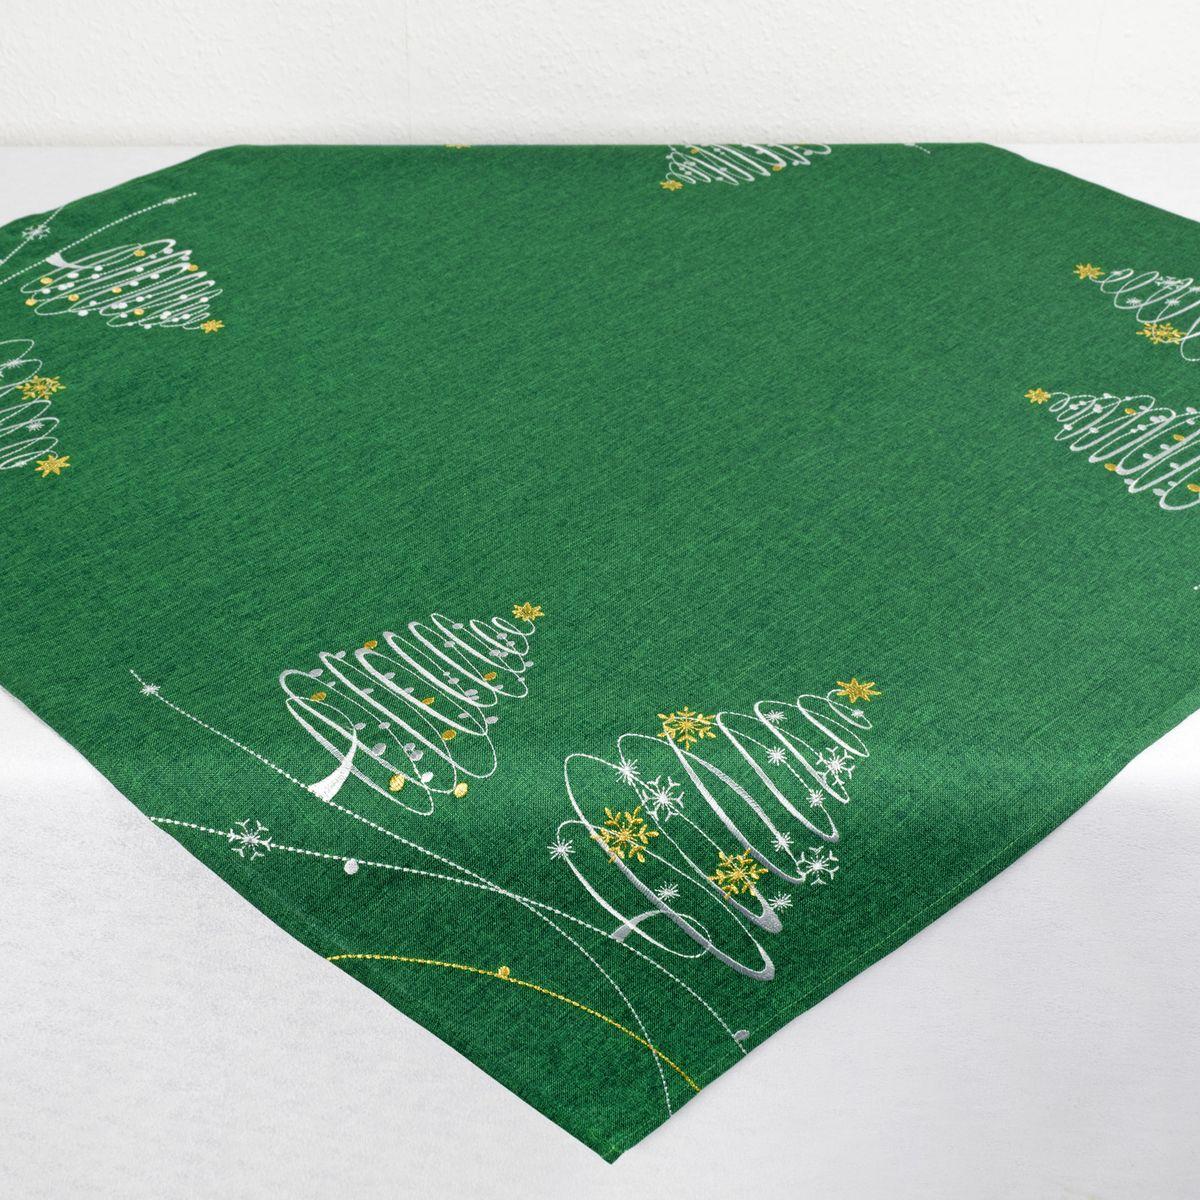 Скатерть Schaefer, квадратная, цвет: зеленый, 85 х 85 см. 07865-10007865-100Стильная скатерть Schaefer, выполненная из полиэстера, украшена вышивкой. Вышивка дает эффект объема за счет направления стежков при вышивании.Изделия из полиэстера легко стирать: они не мнутся, не садятся и быстро сохнут, они более долговечны, чем изделия из натуральных волокон.Немецкая компания Schaefer создана в 1921 году. На протяжении всего времени существования она создает уникальные коллекции домашнего текстиля для гостиных, спален, кухонь и ванных комнат. Дизайнерские идеи немецких художников компании Schaefer воплощаются в текстильных изделиях, которые сделают ваш дом красивее и уютнее и не останутся незамеченными вашими гостями. Дарите себе и близким красоту каждый день!